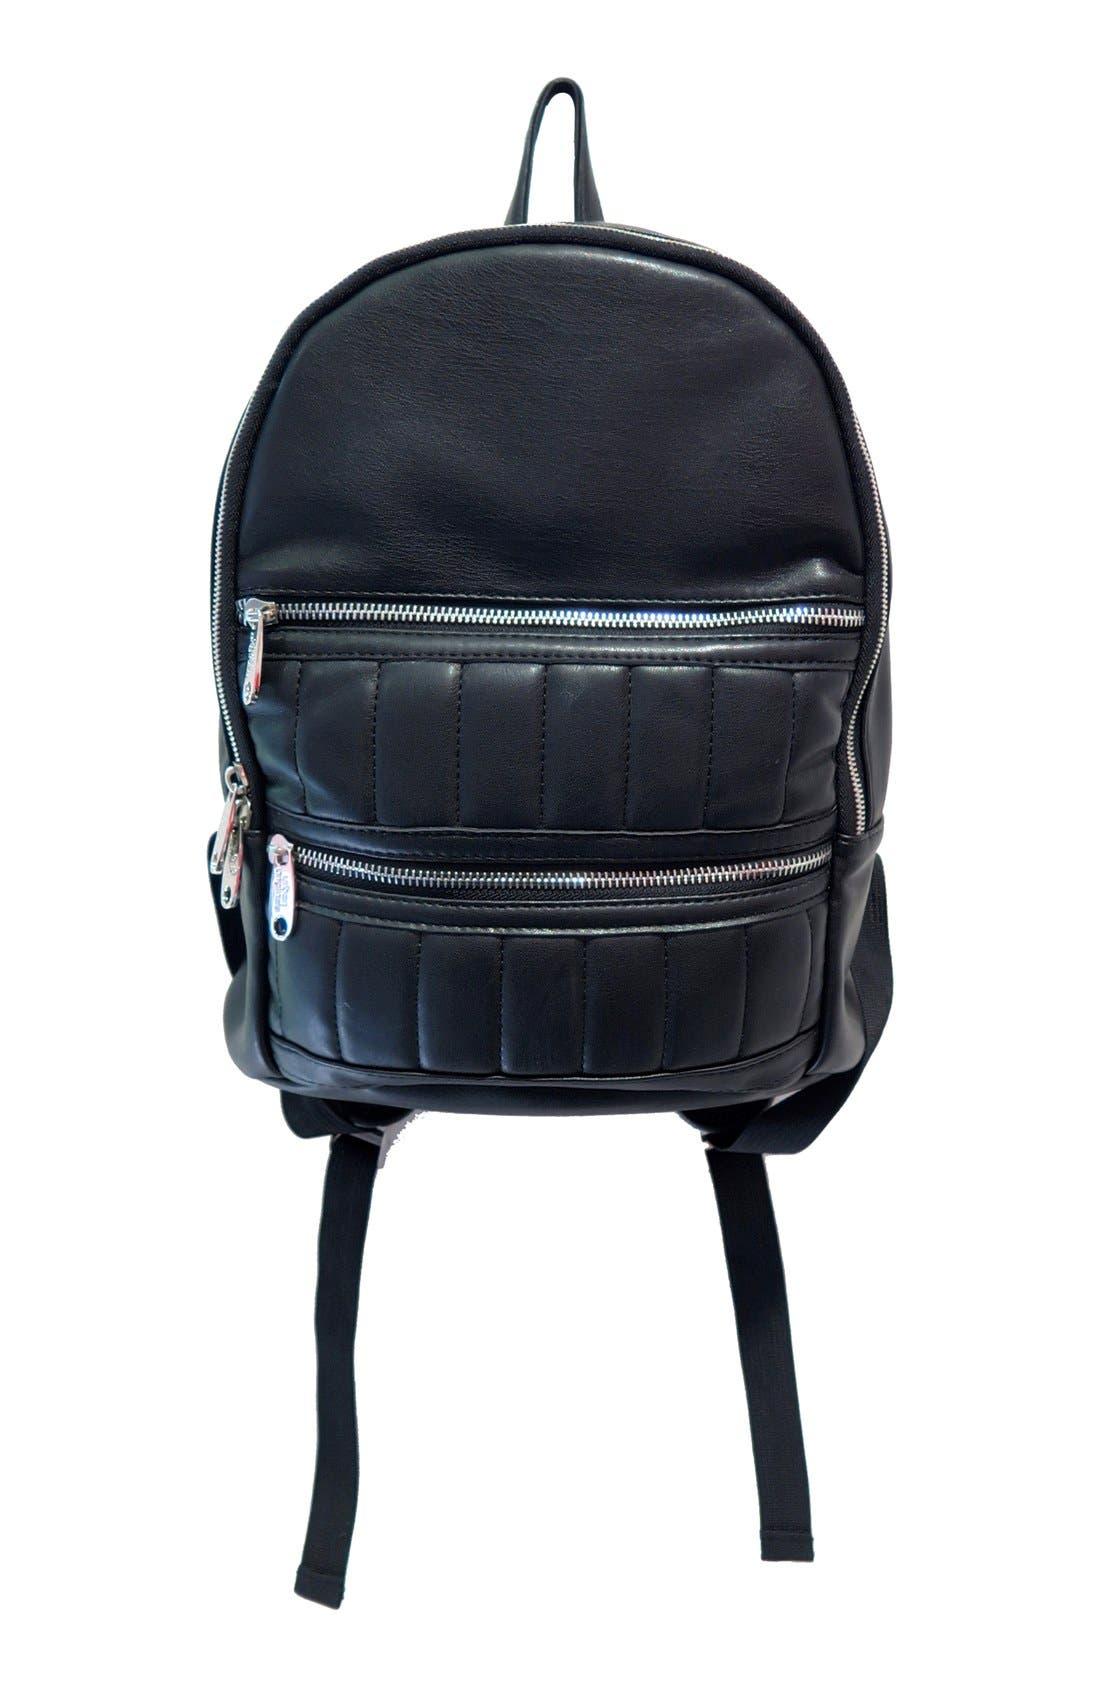 Alternate Image 1 Selected - Urban Originals 'Clued Up' Backpack